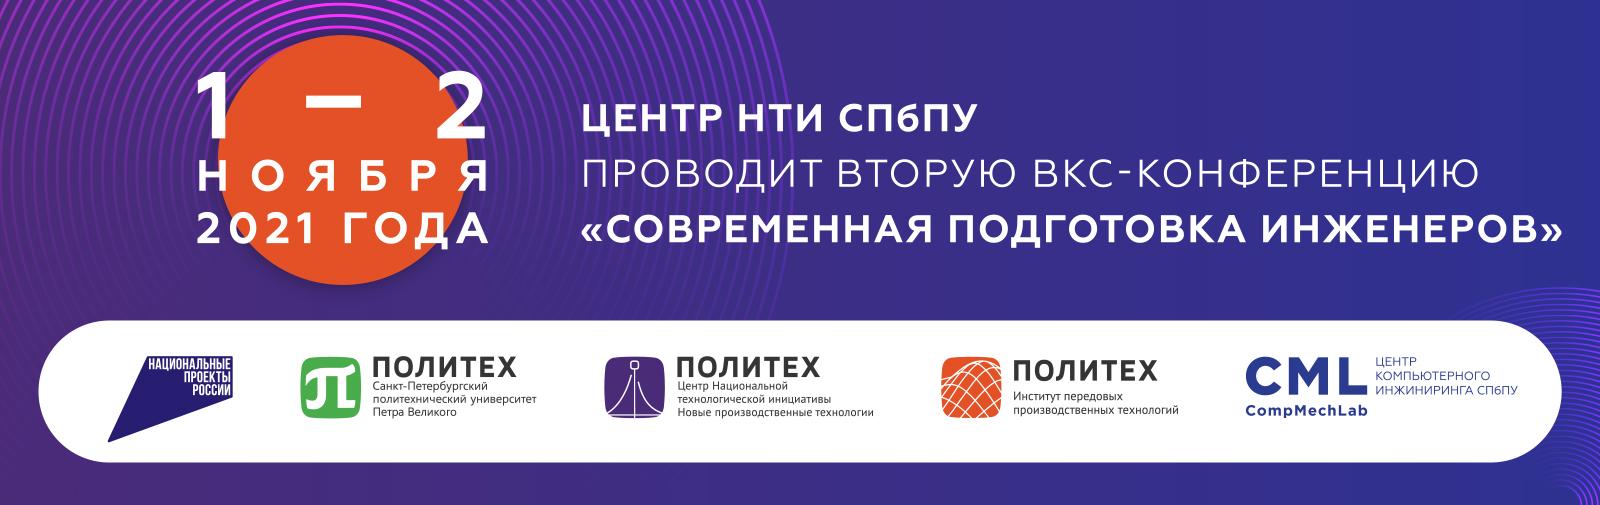 Онлайн-конференция «Современная подготовка инженеров»